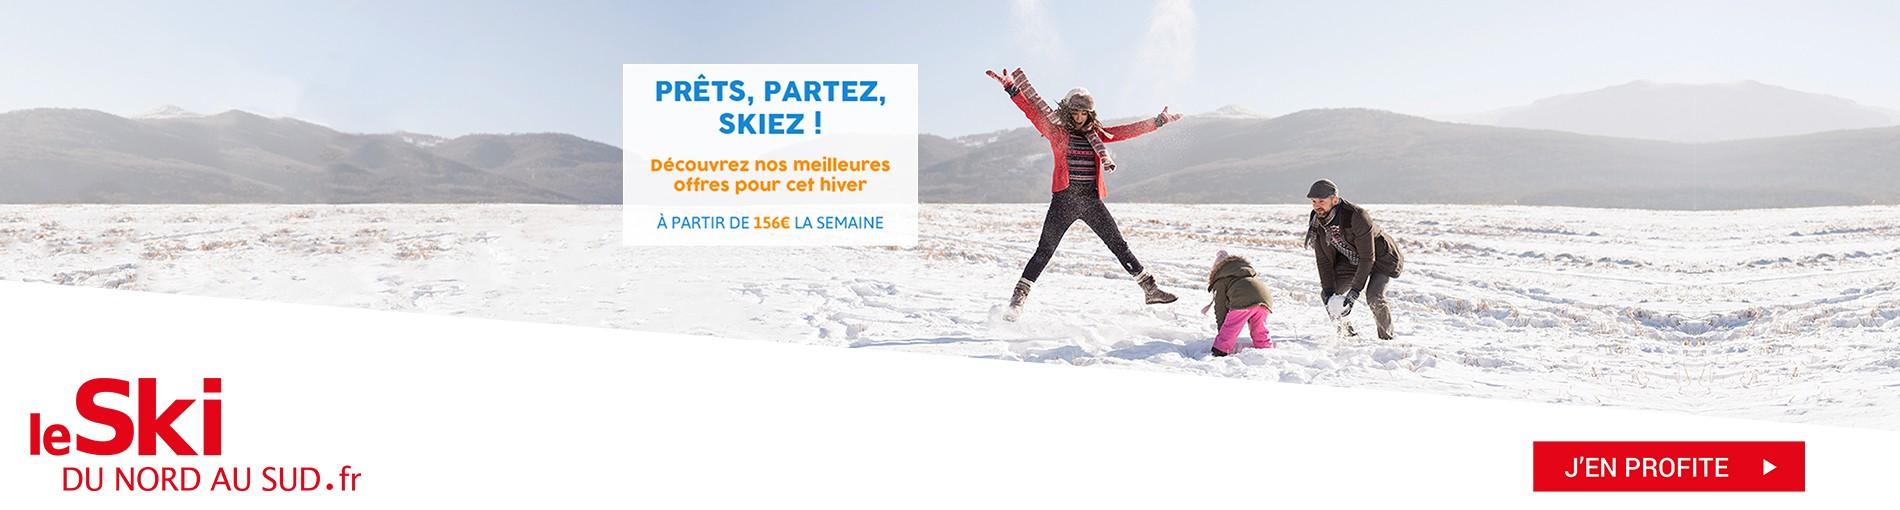 Prêts, Partez, Skiez ! Découvrez nos meilleures offres pour cet hiver - A partir de 156€ la semaine pour le plus grand plaisir des petits et des grands. C'est le moment de skier !